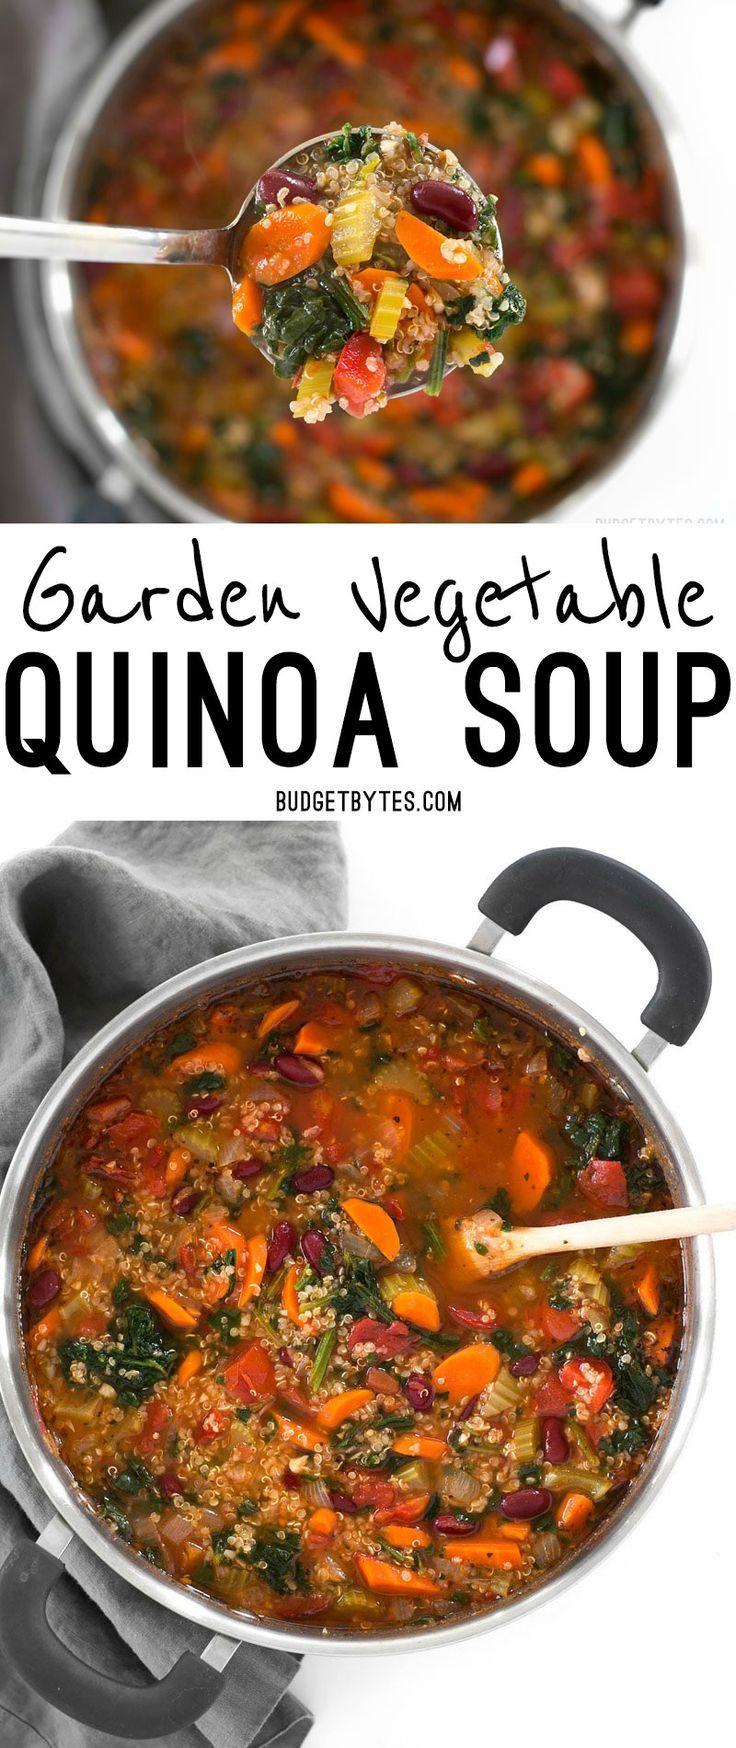 Garden Vegetable Quinoa Soup